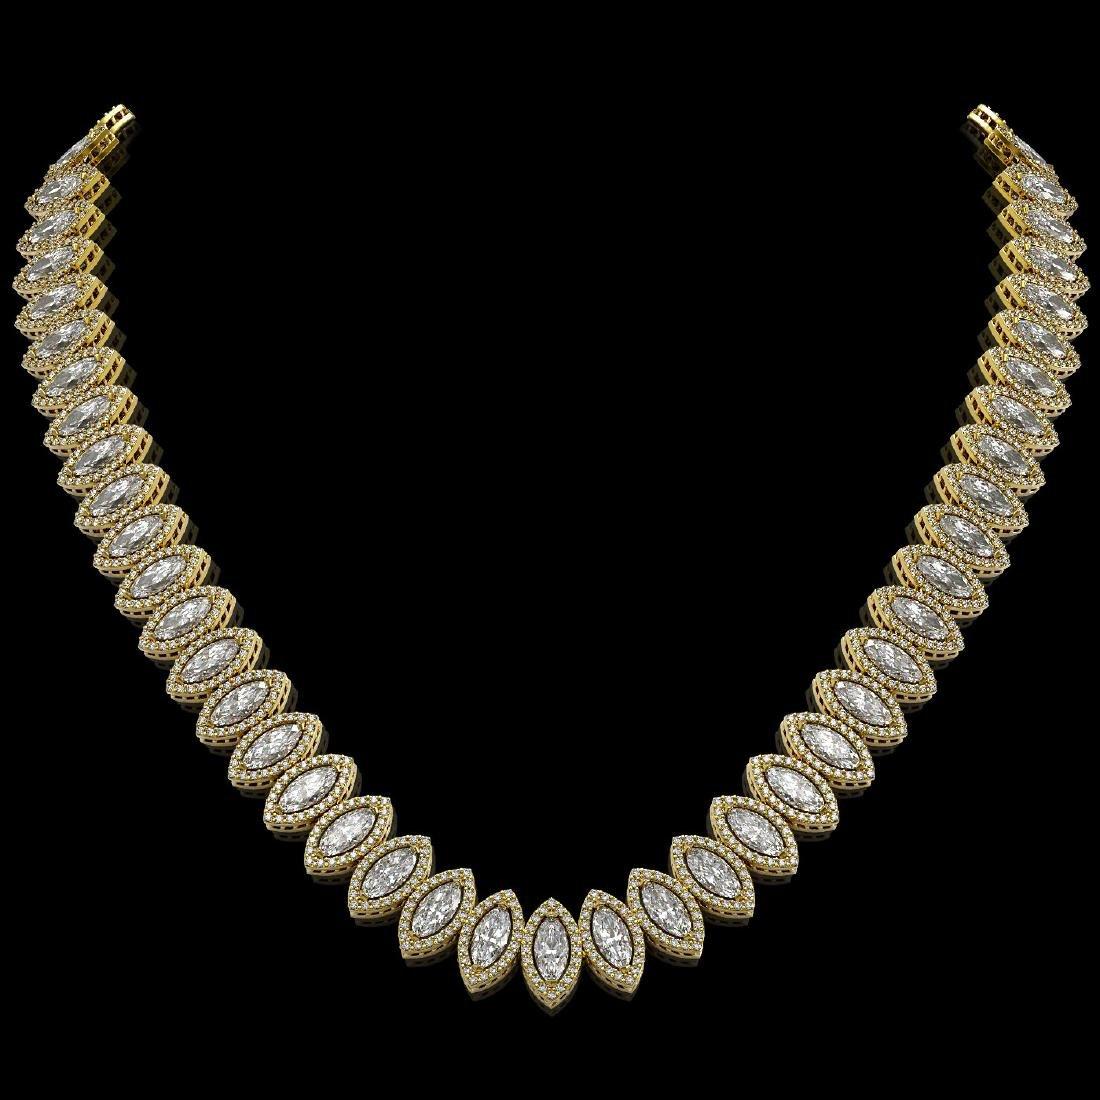 39.68 CTW Marquise Diamond Designer Necklace 18K Yellow